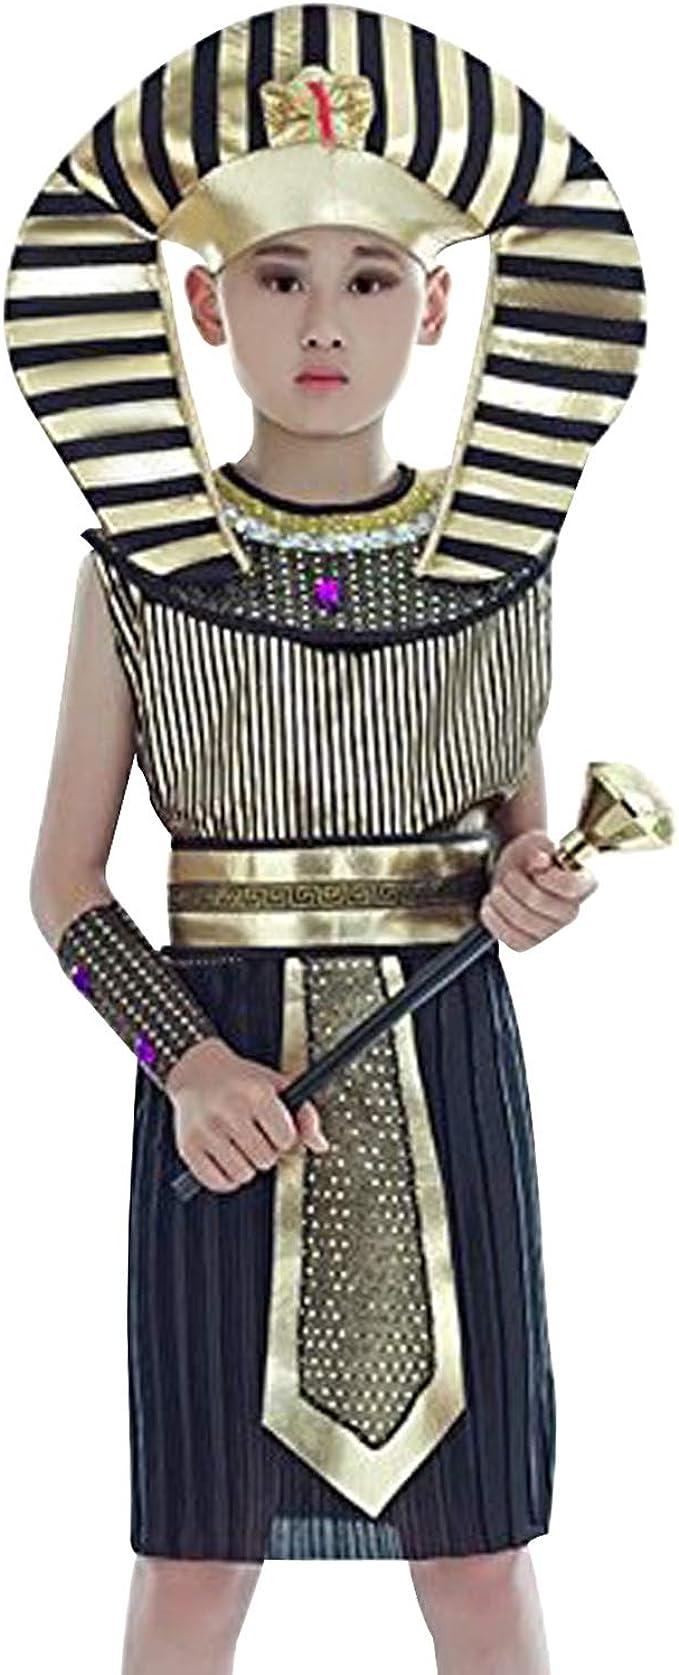 Acecharming - Juego de Disfraz de faraón para niños (8-10 años ...